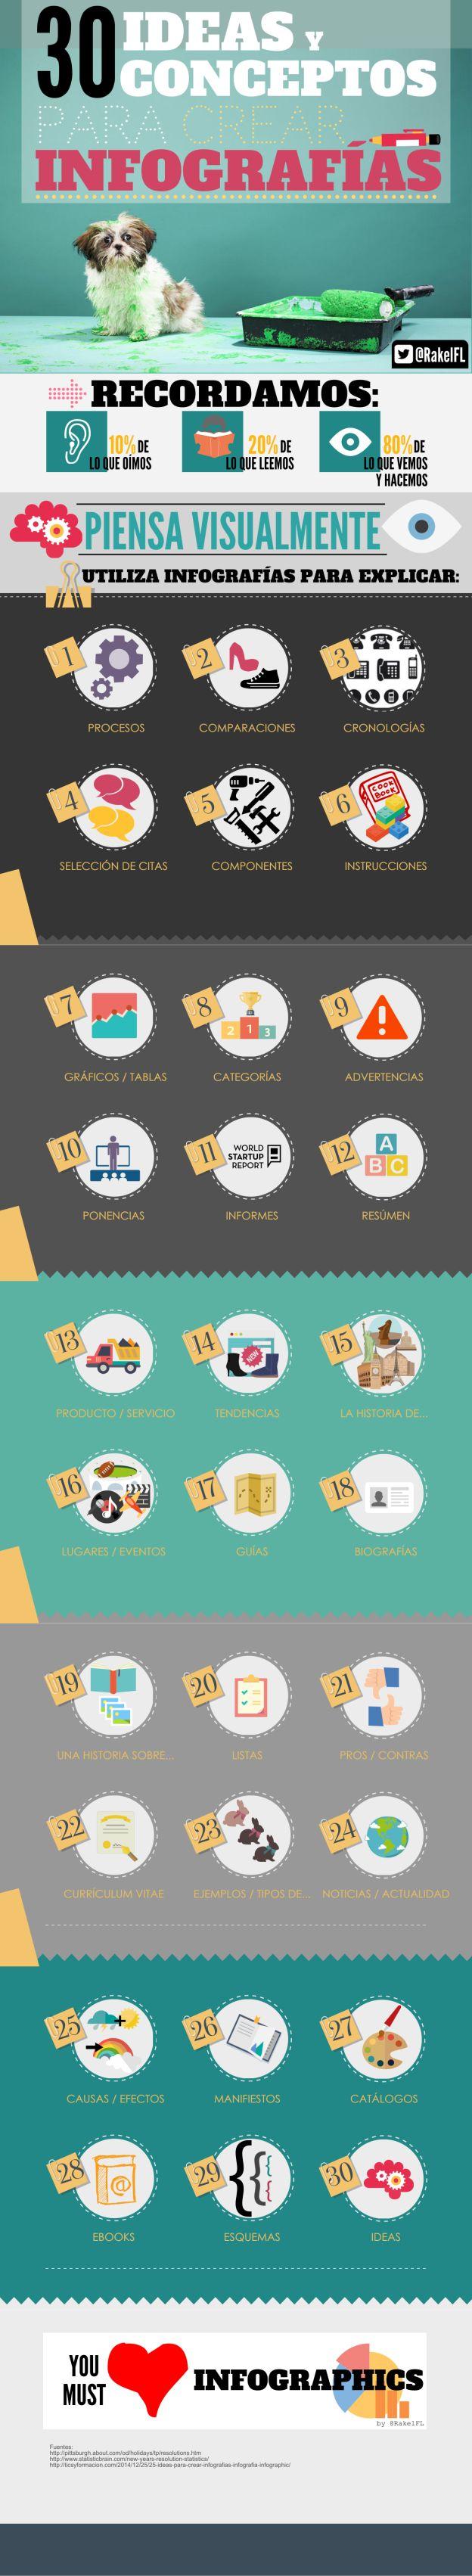 30 ideas y conceptos para crear infografías #infografia #infographic #marketing #design